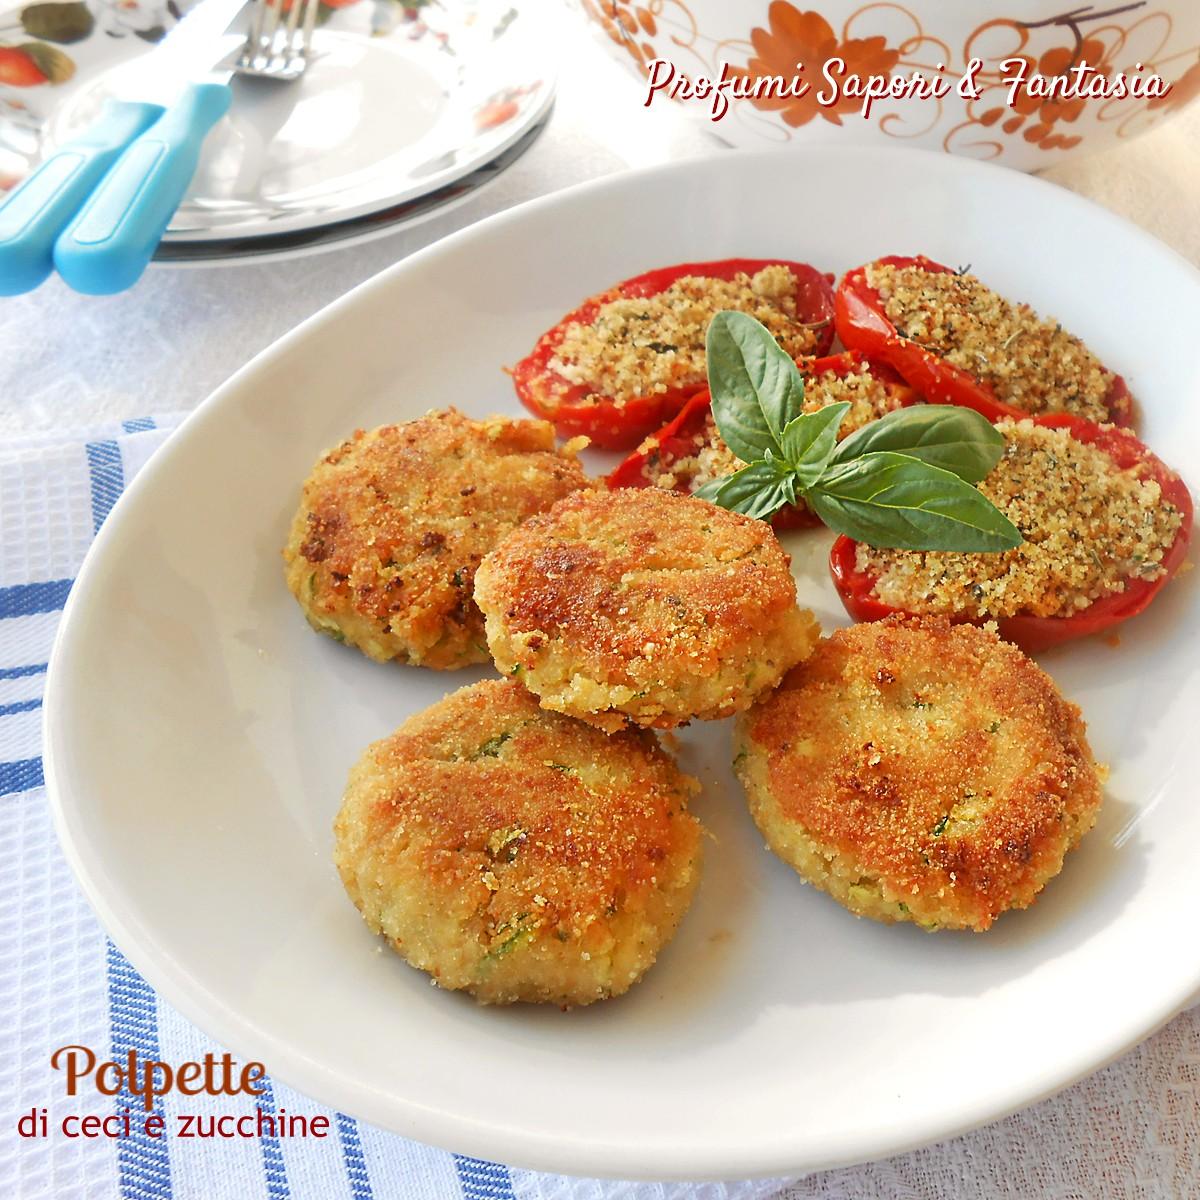 Facili veloci e gustosissimi....stasera a cena saranno perfetti!